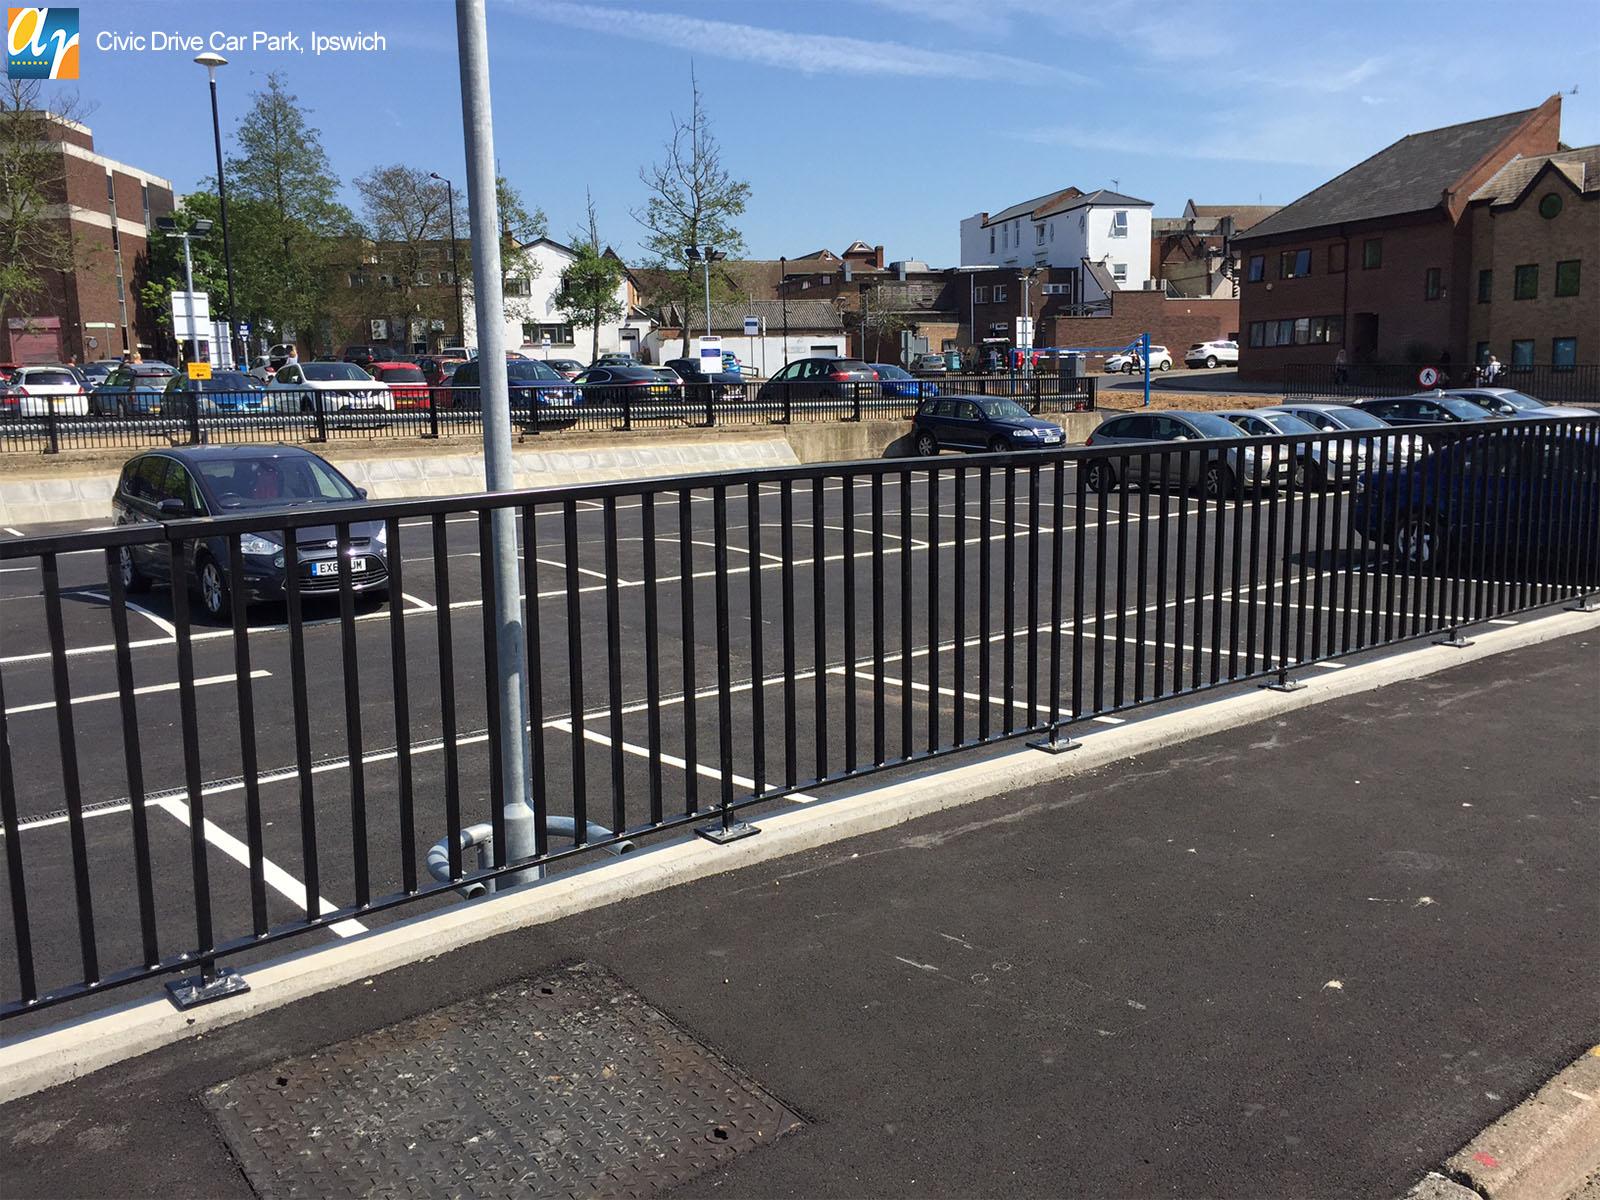 Civic Drive Car Park